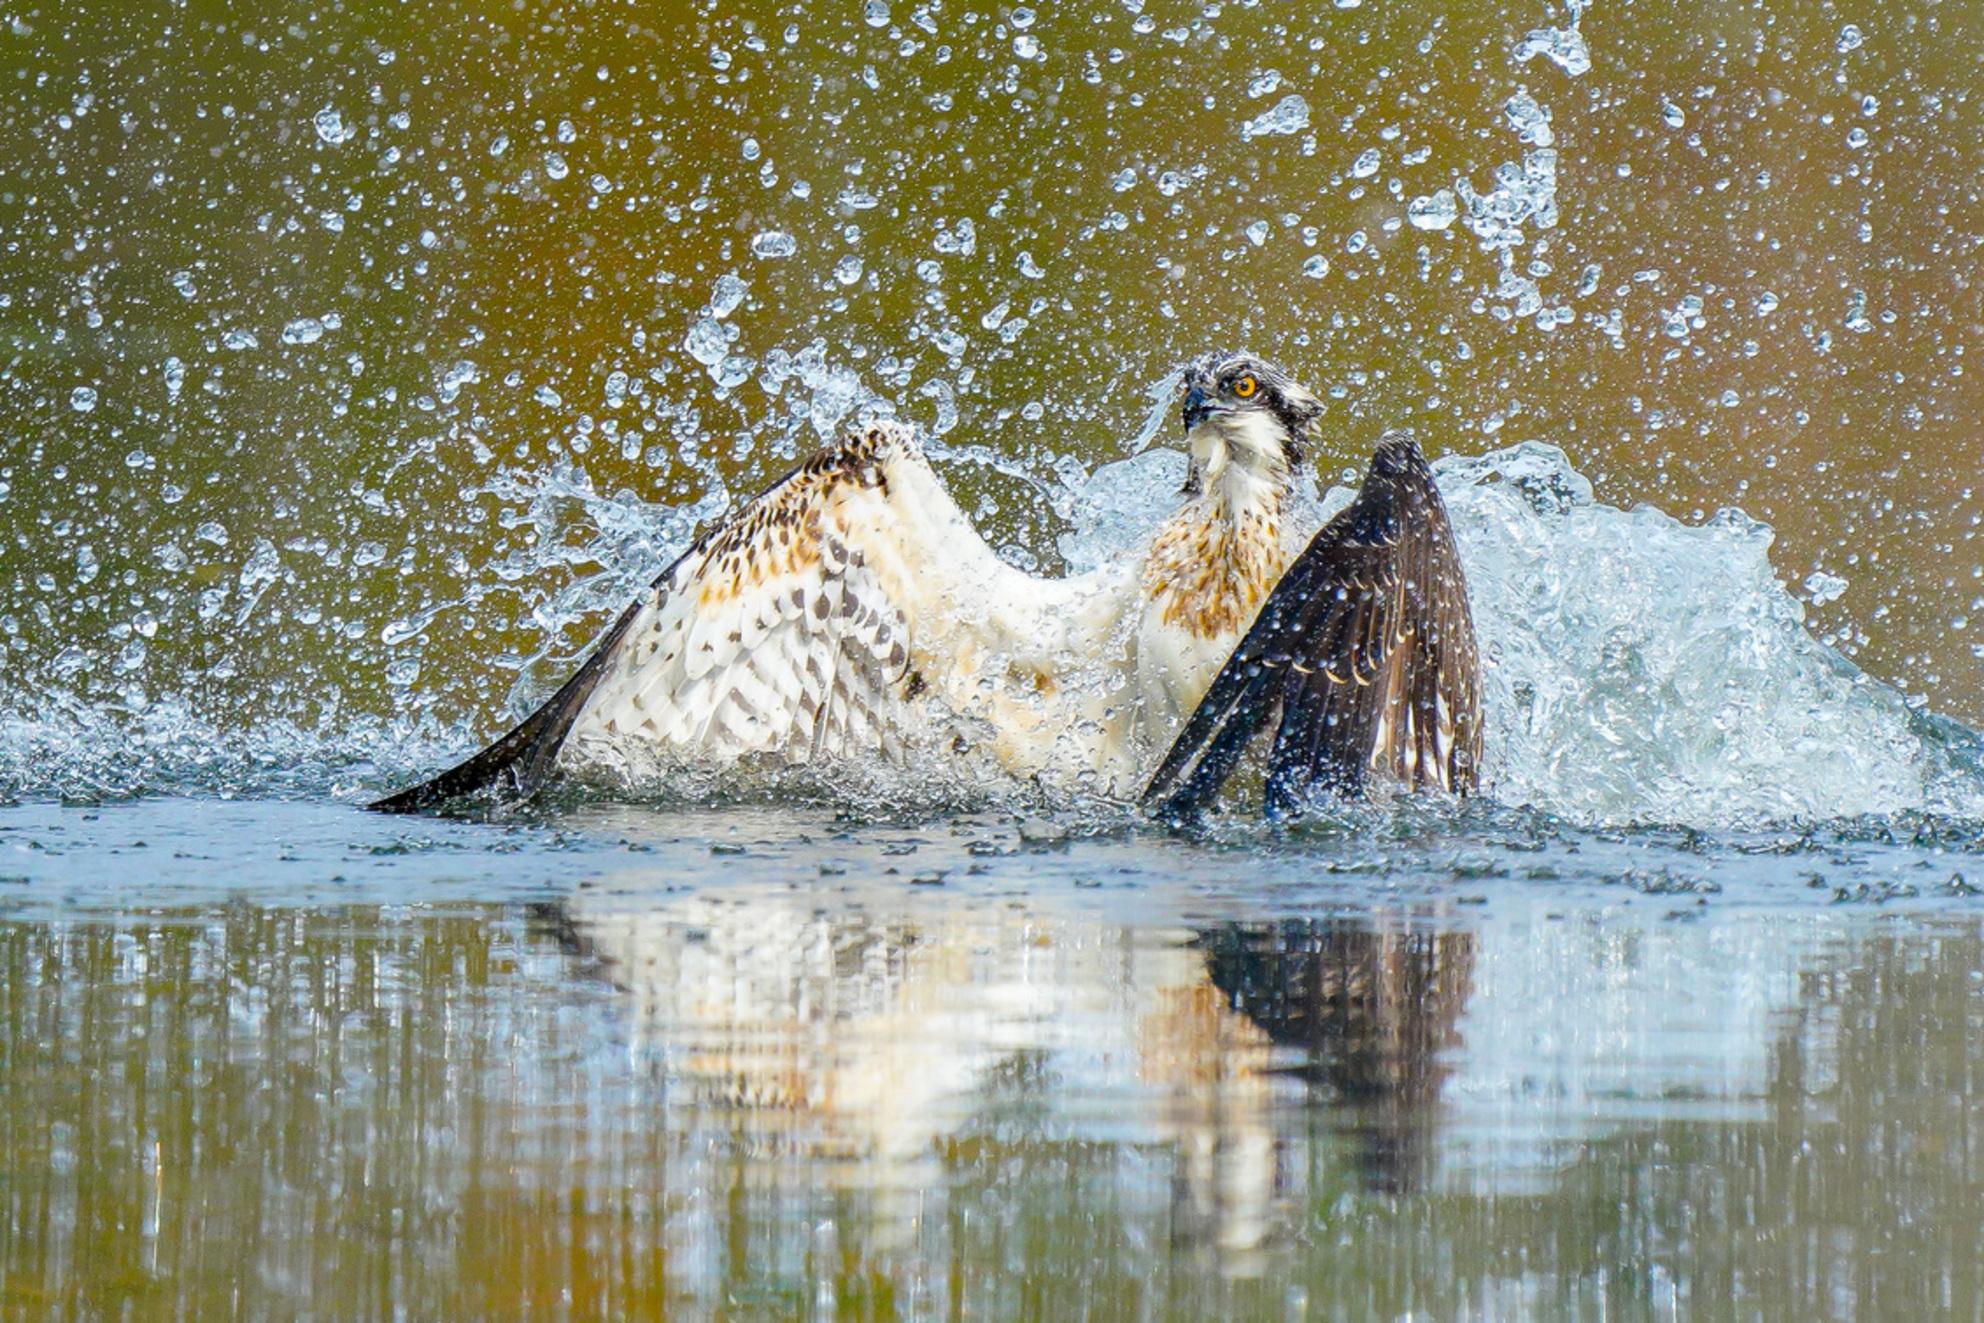 Visarend na een geslaagde duik - Deze jonge visarend kwam uit het water tijdens deze geslaagde duik. - foto door Geertjeg op 21-10-2020 - deze foto bevat: dieren, watervogel, roofvogel, wildlife, jong, visarend